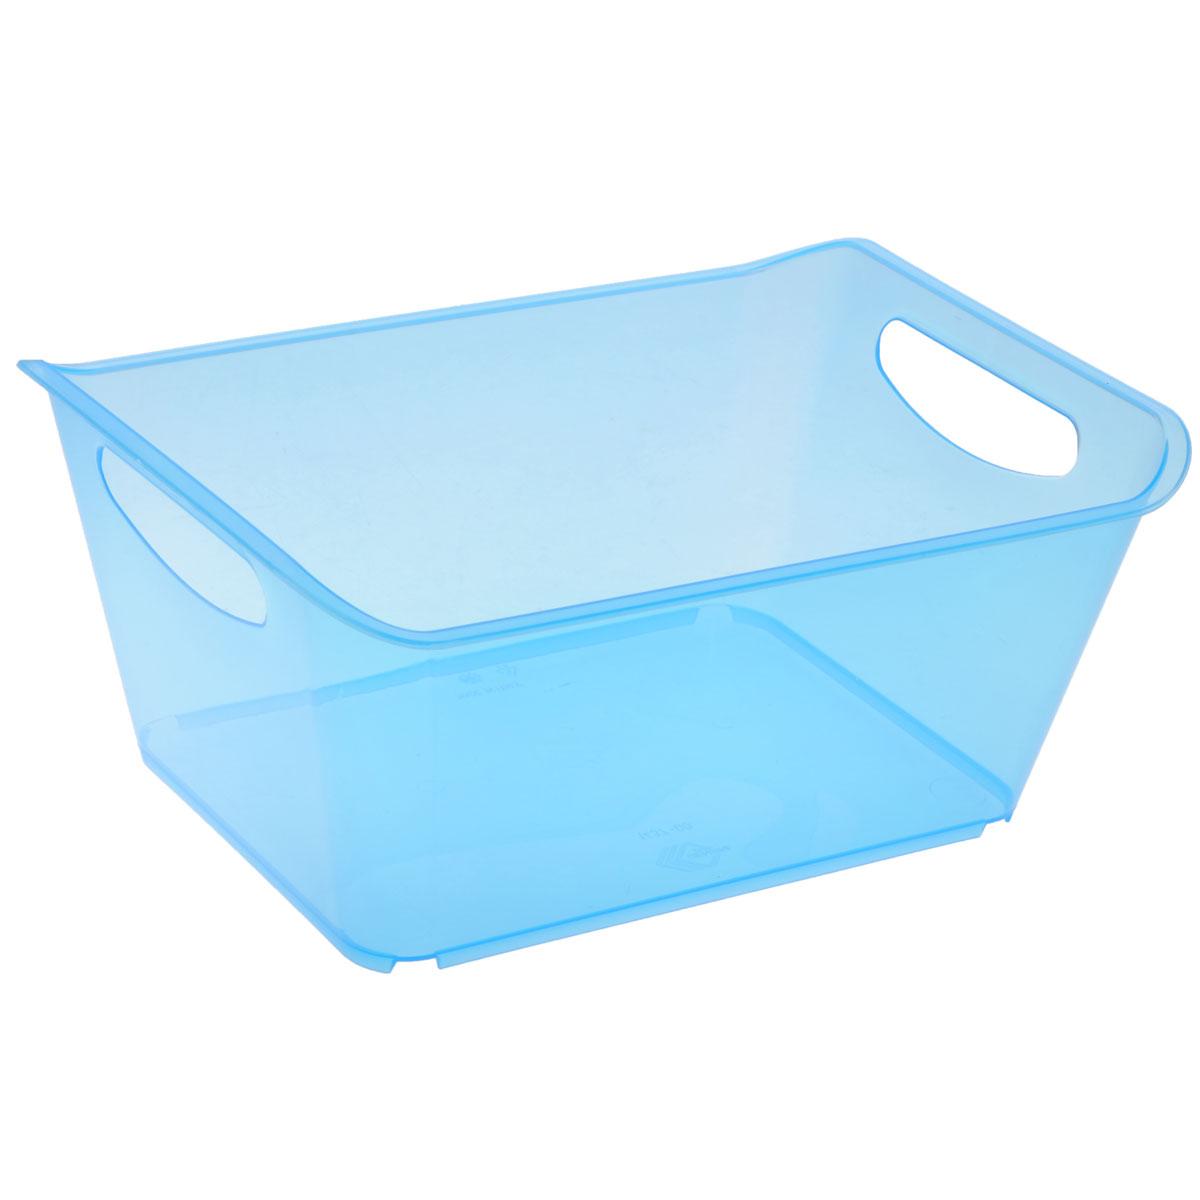 Контейнер Gensini, цвет: голубой, 5 л3331_голубойКонтейнер Gensini выполнен из прочного пластика. Он предназначен для хранения различных мелких вещей в ванной, на кухне, даче или гараже, исключая возможность их потери. По бокам контейнера предусмотрены две удобные ручки для его переноски. Контейнер поможет хранить все в одном месте, а также защитить вещи от пыли, грязи и влаги. Объем: 5 л.